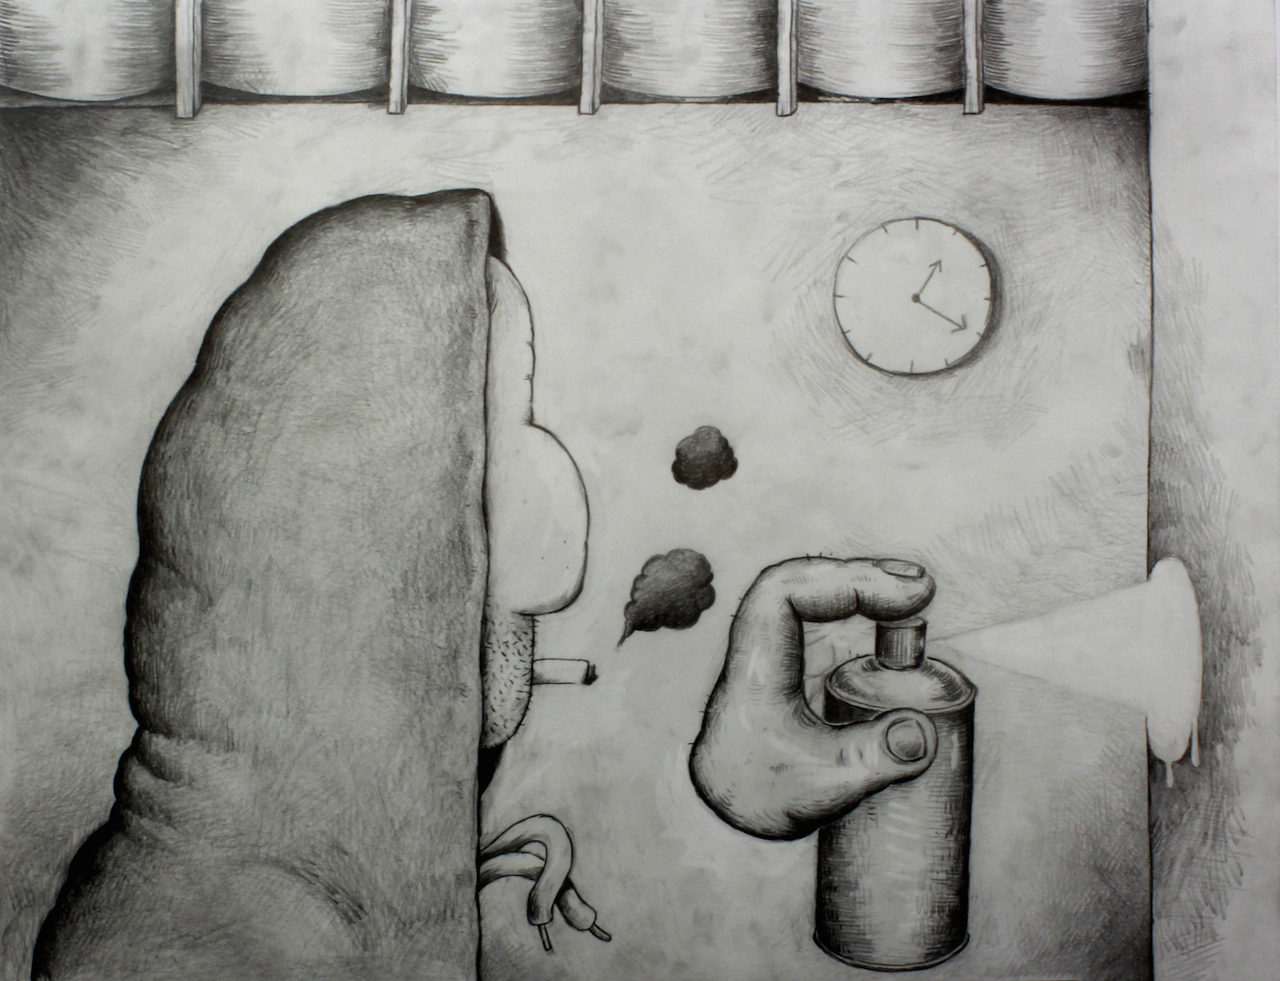 Antoine Desailly, De la bombe, 2017_Graphite sur papier, 50 x 65 cm © Modulab